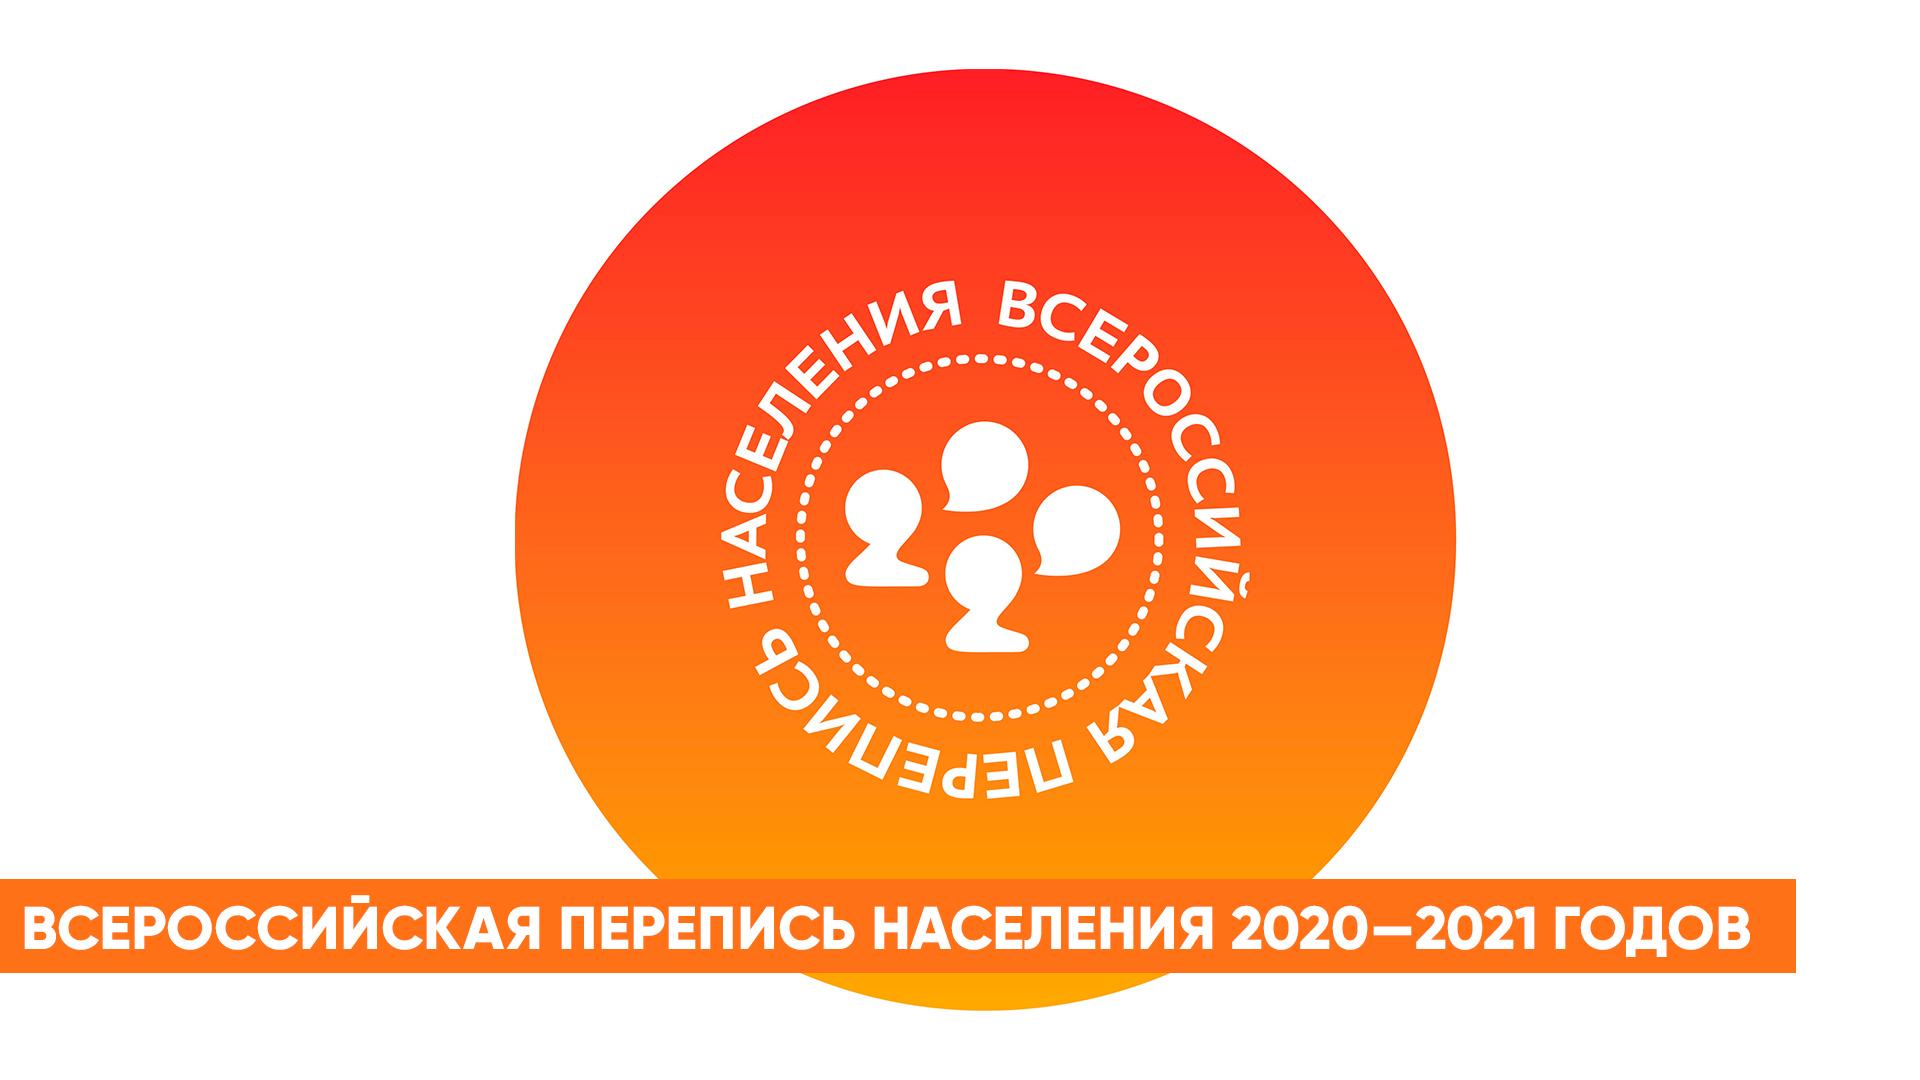 Всероссийская перепись населения 2020—2021 годов